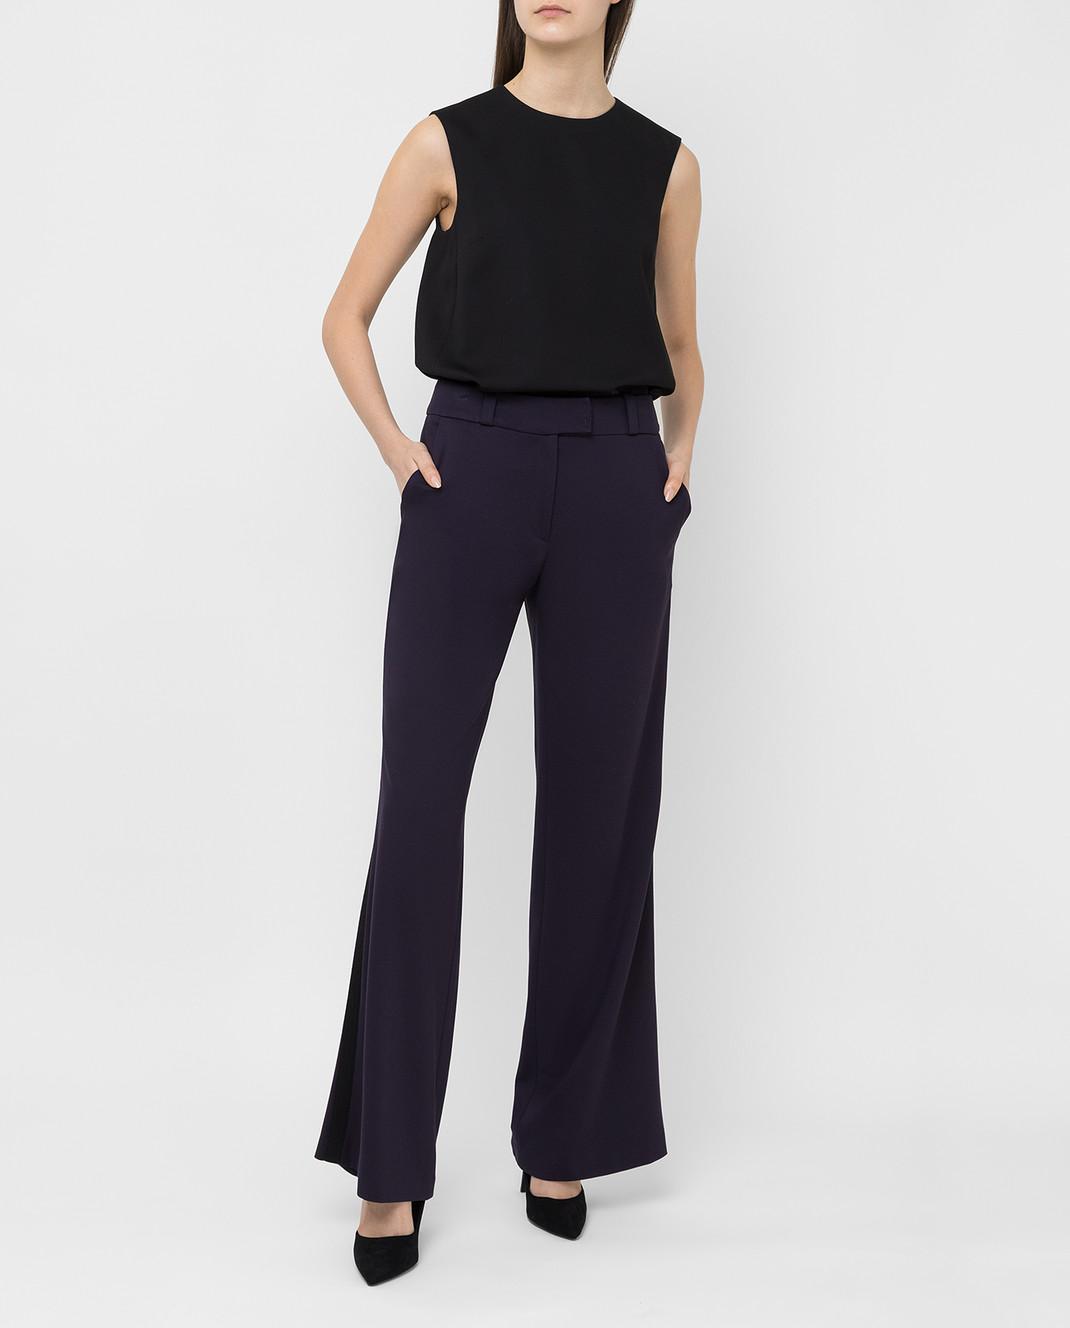 Maison Ullens Фиолетовые брюки PAN082 изображение 2